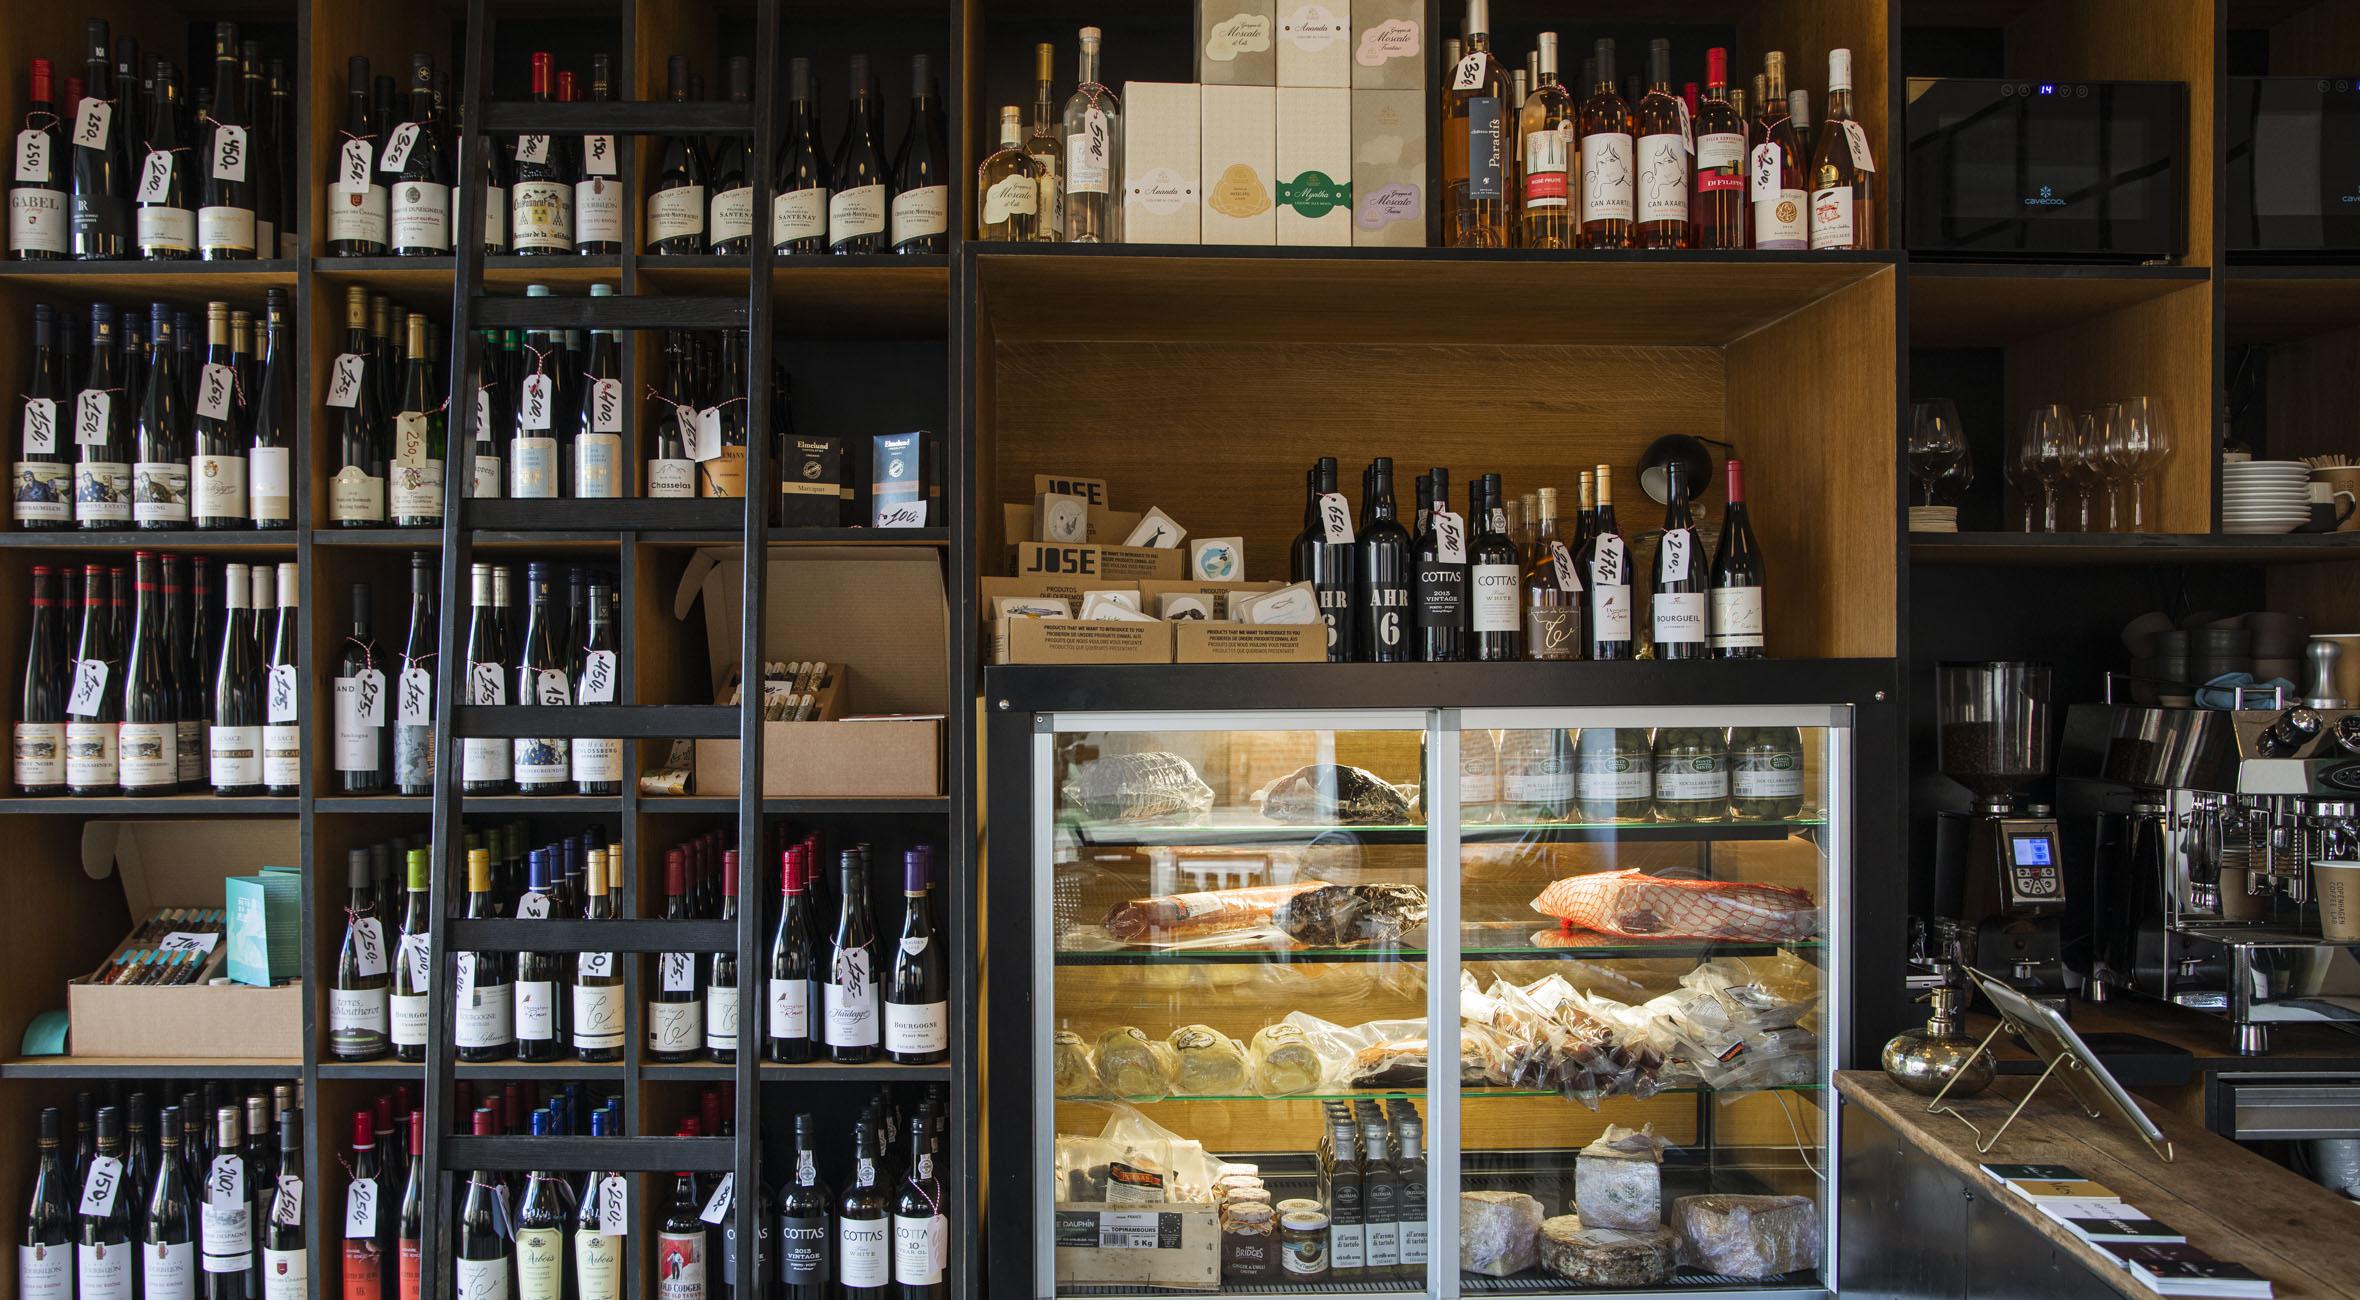 Frit valg til alt hos Salon 39 Vinbar & Butik – Tidligere Noma-kok har åbnet vinbutik på Frederiksberg! Køb vin, spiritus, ost og charcuteri med hjem